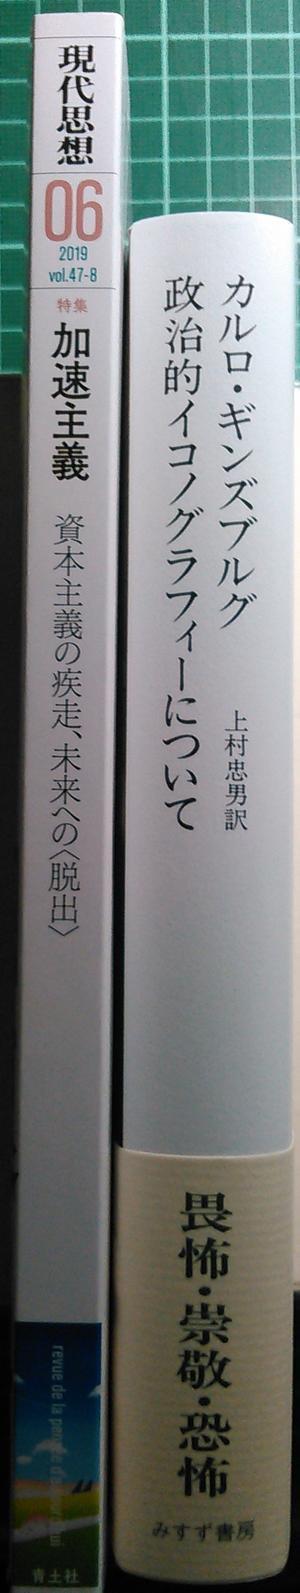 注目新刊:ギンズブルク『政治的イコノグラフィーについて』上村忠男訳、ほか - ウラゲツ☆ブログ